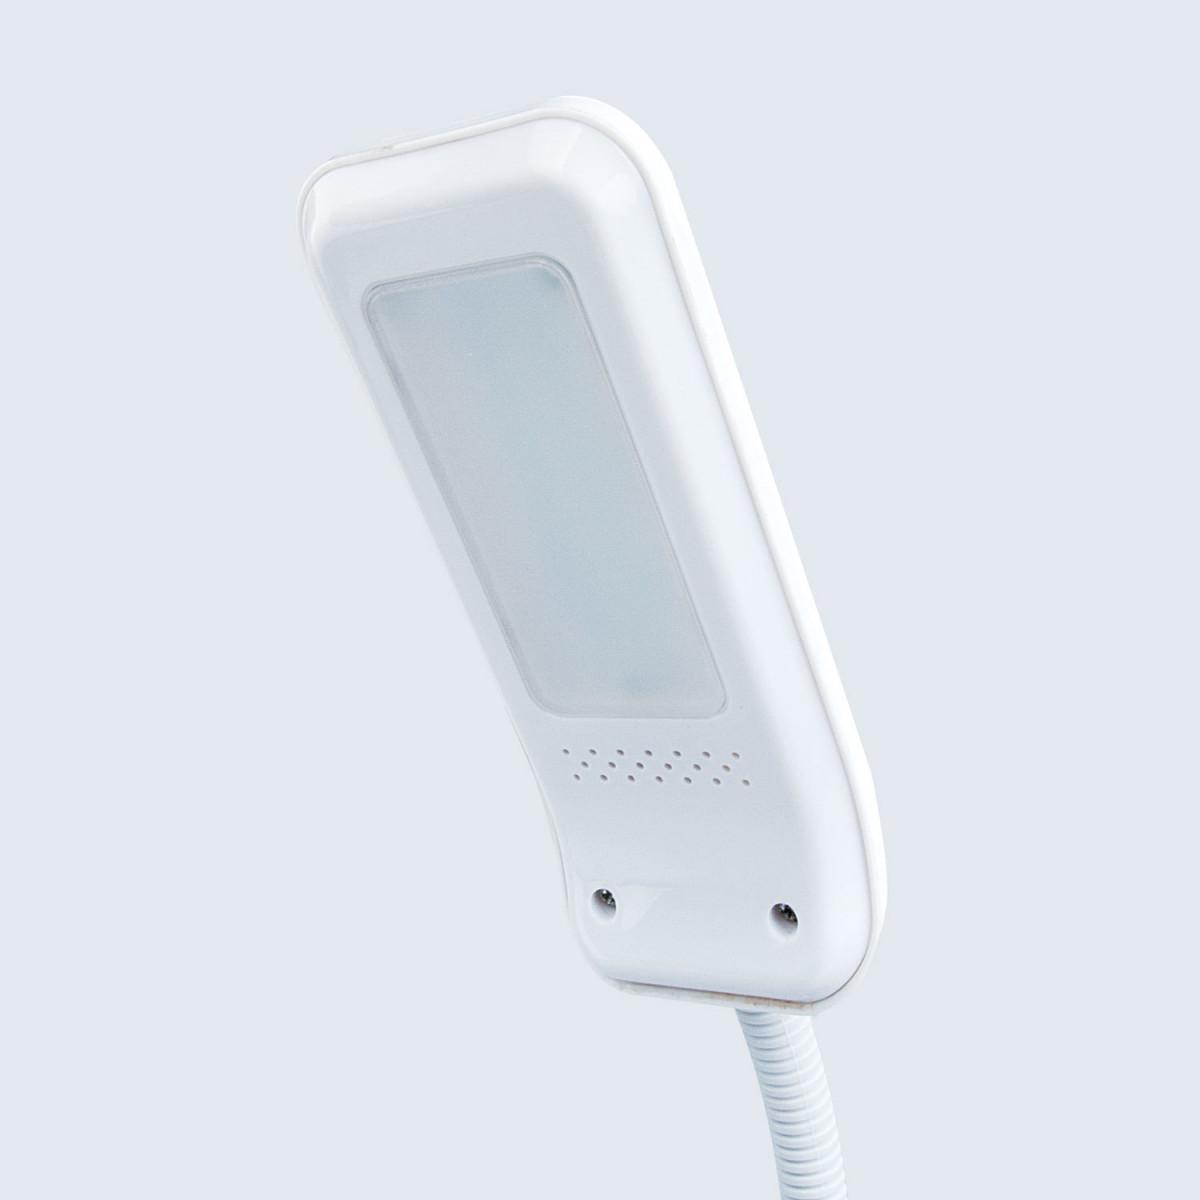 Светильник настольный SONNEN OU-147, на подставке, светодиодный, 5 Вт, белый/фиолетовый, 236672 (арт. 236672)